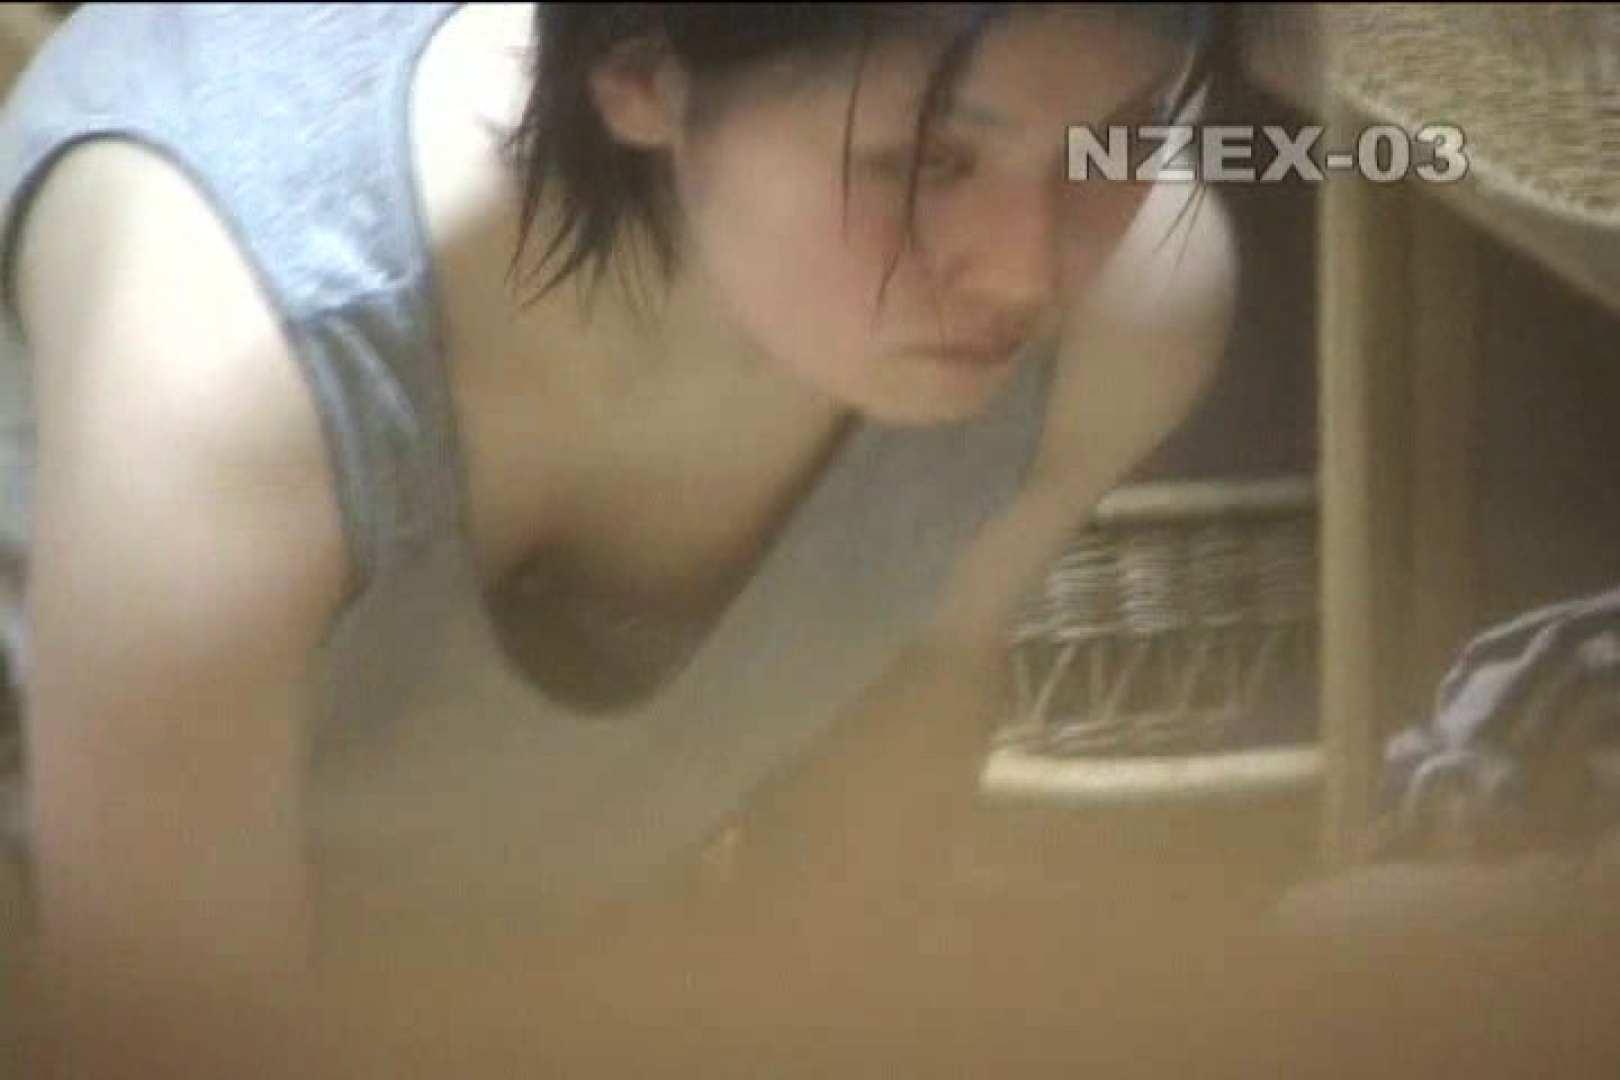 覗き穴 nzex-03_02 乳首 セックス画像 101PIX 82